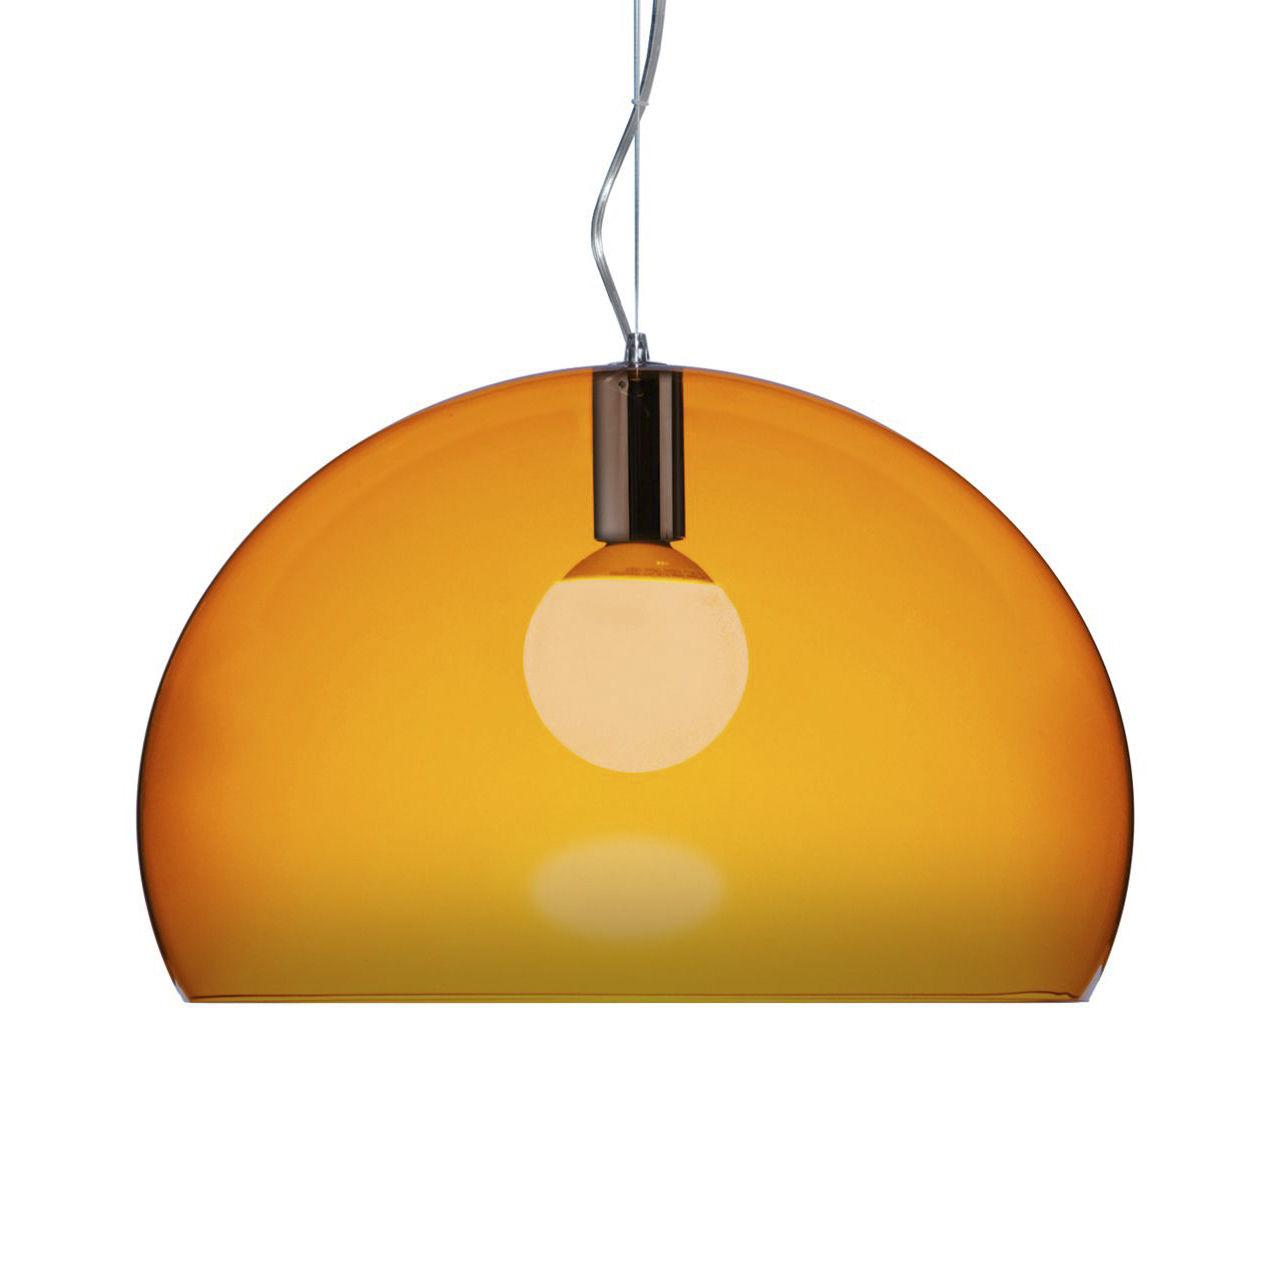 Lámpara de suspensión FL / Y Pequeño - Ø 38 cm Naranja Kartell Ferruccio Laviani 1